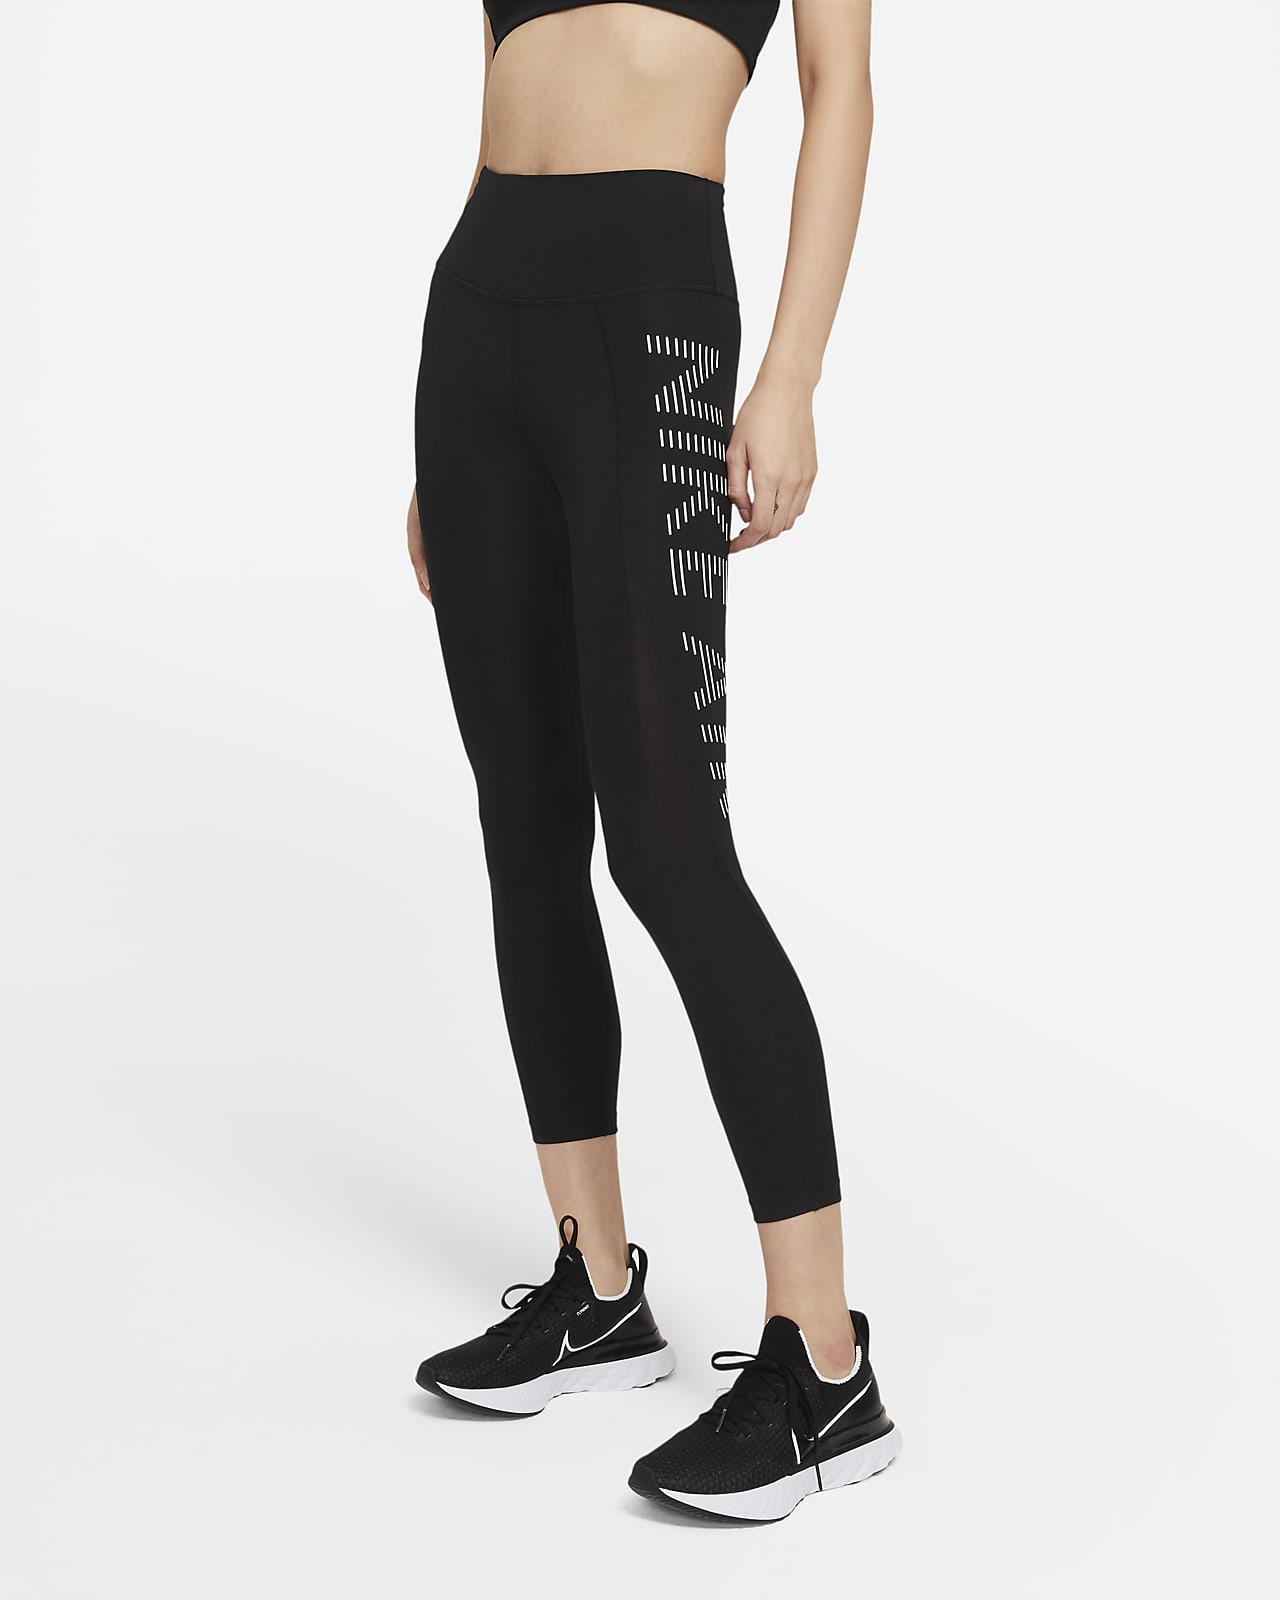 กางเกงวิ่งรัดรูปผู้หญิงยาว 7/8 ส่วน Nike Air Epic Fast